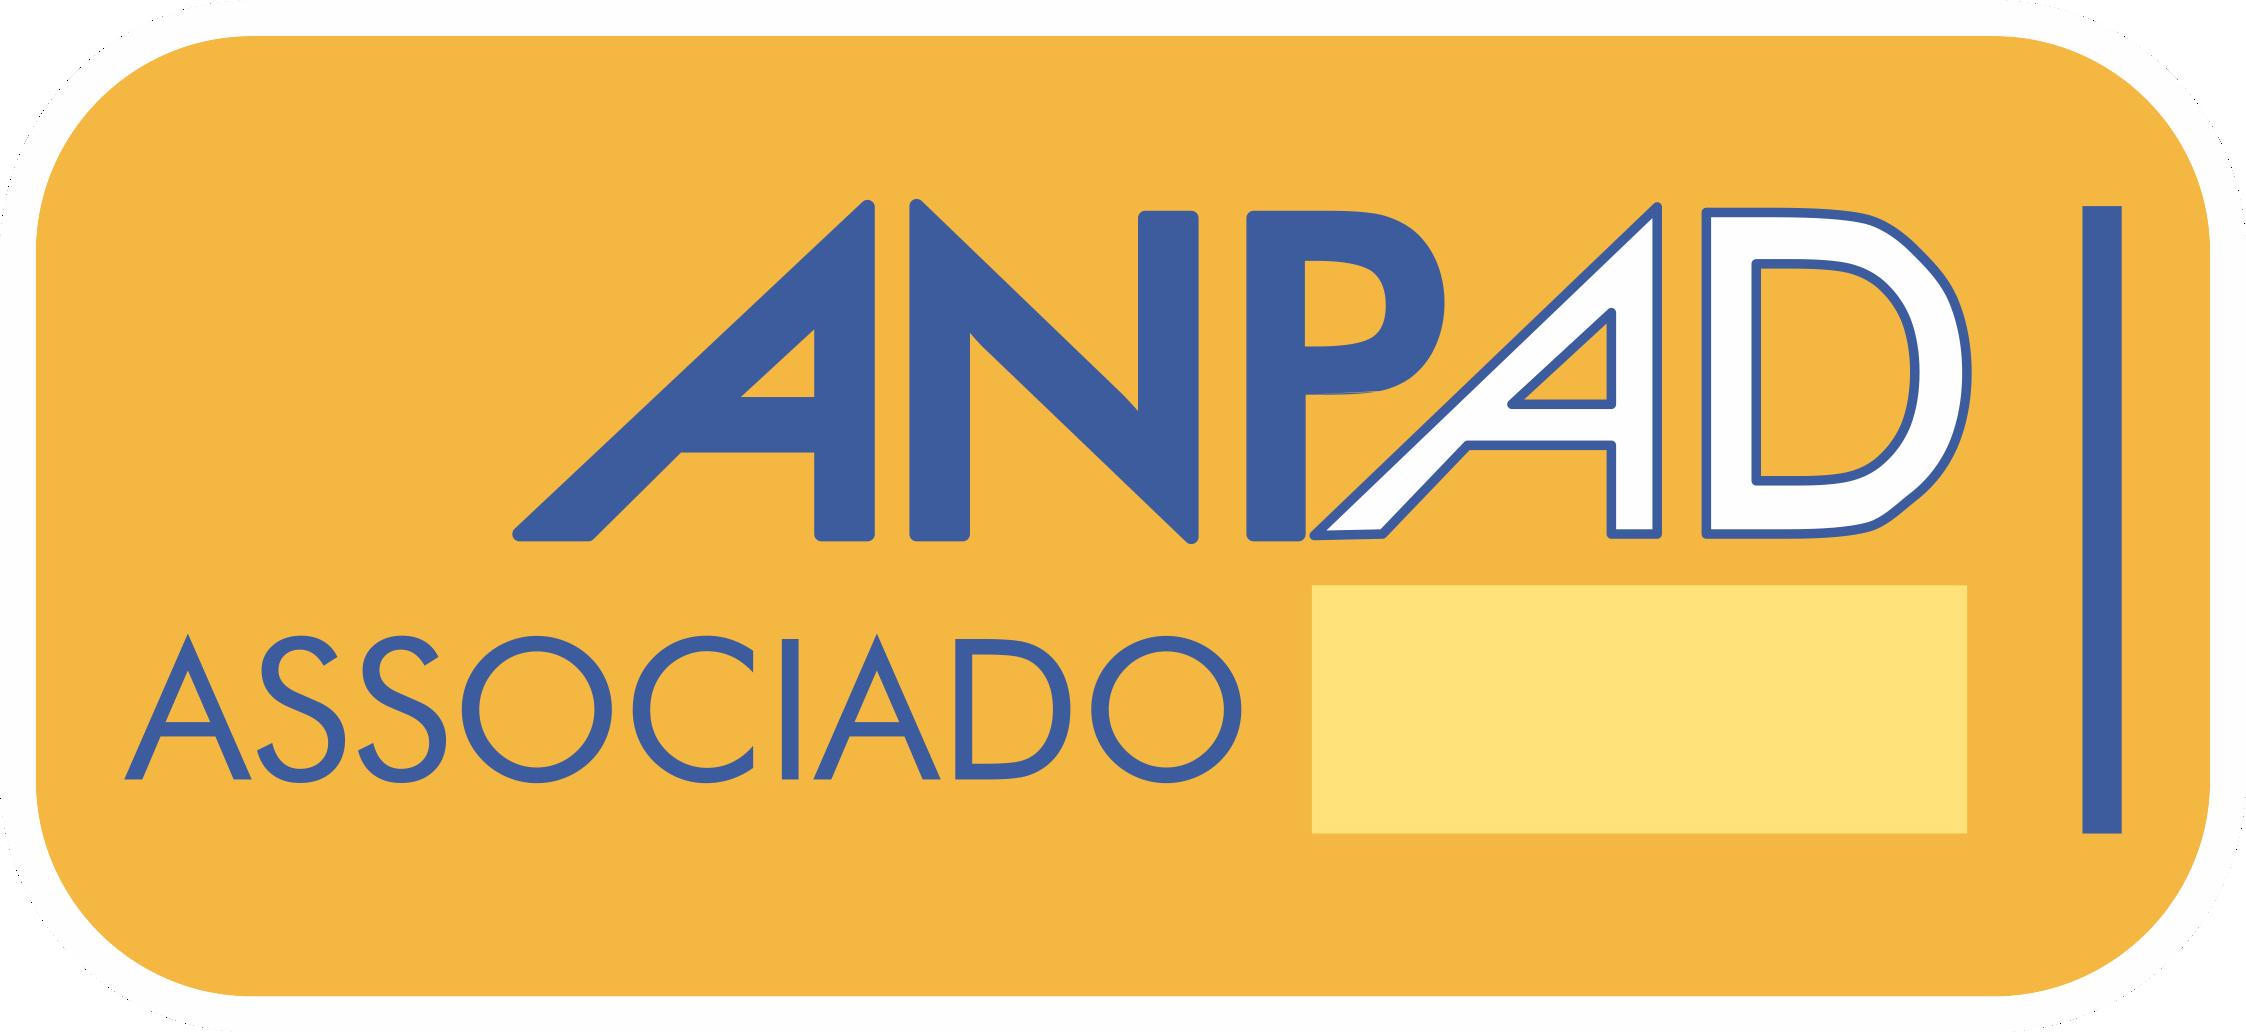 ANPAD [Associado] - v1